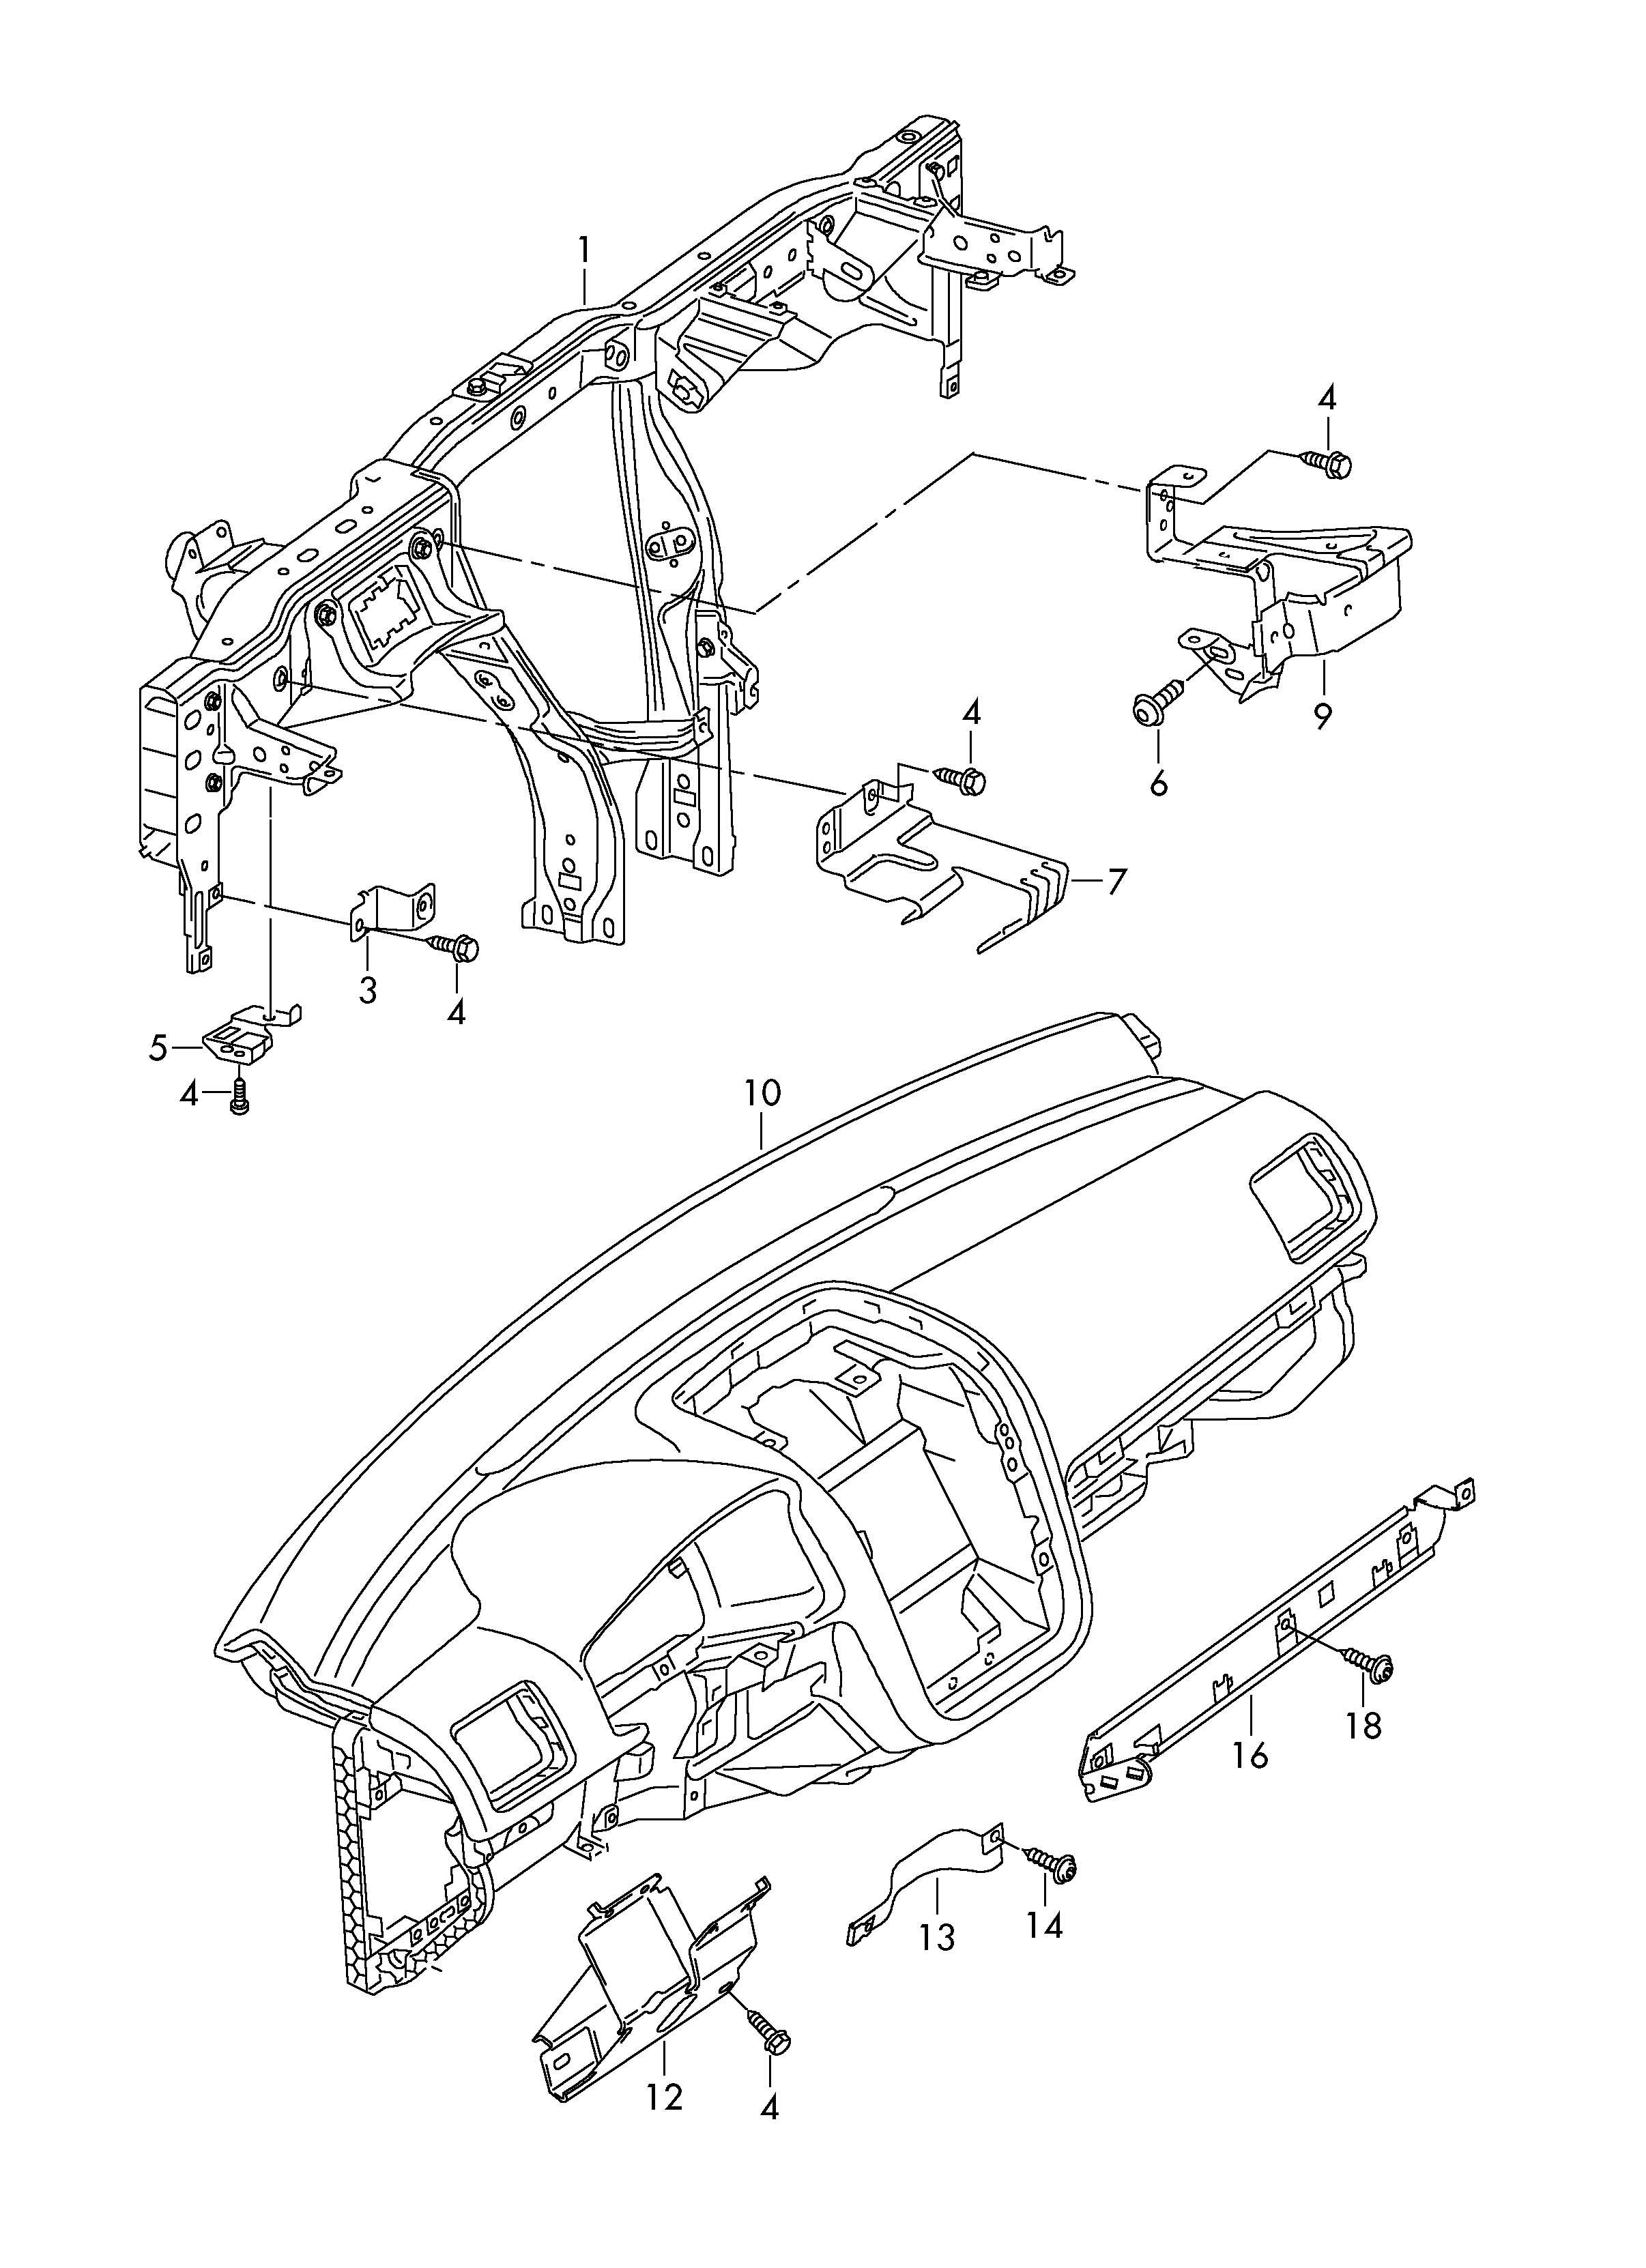 Volkswagen Golf Retaining Plate Deformation